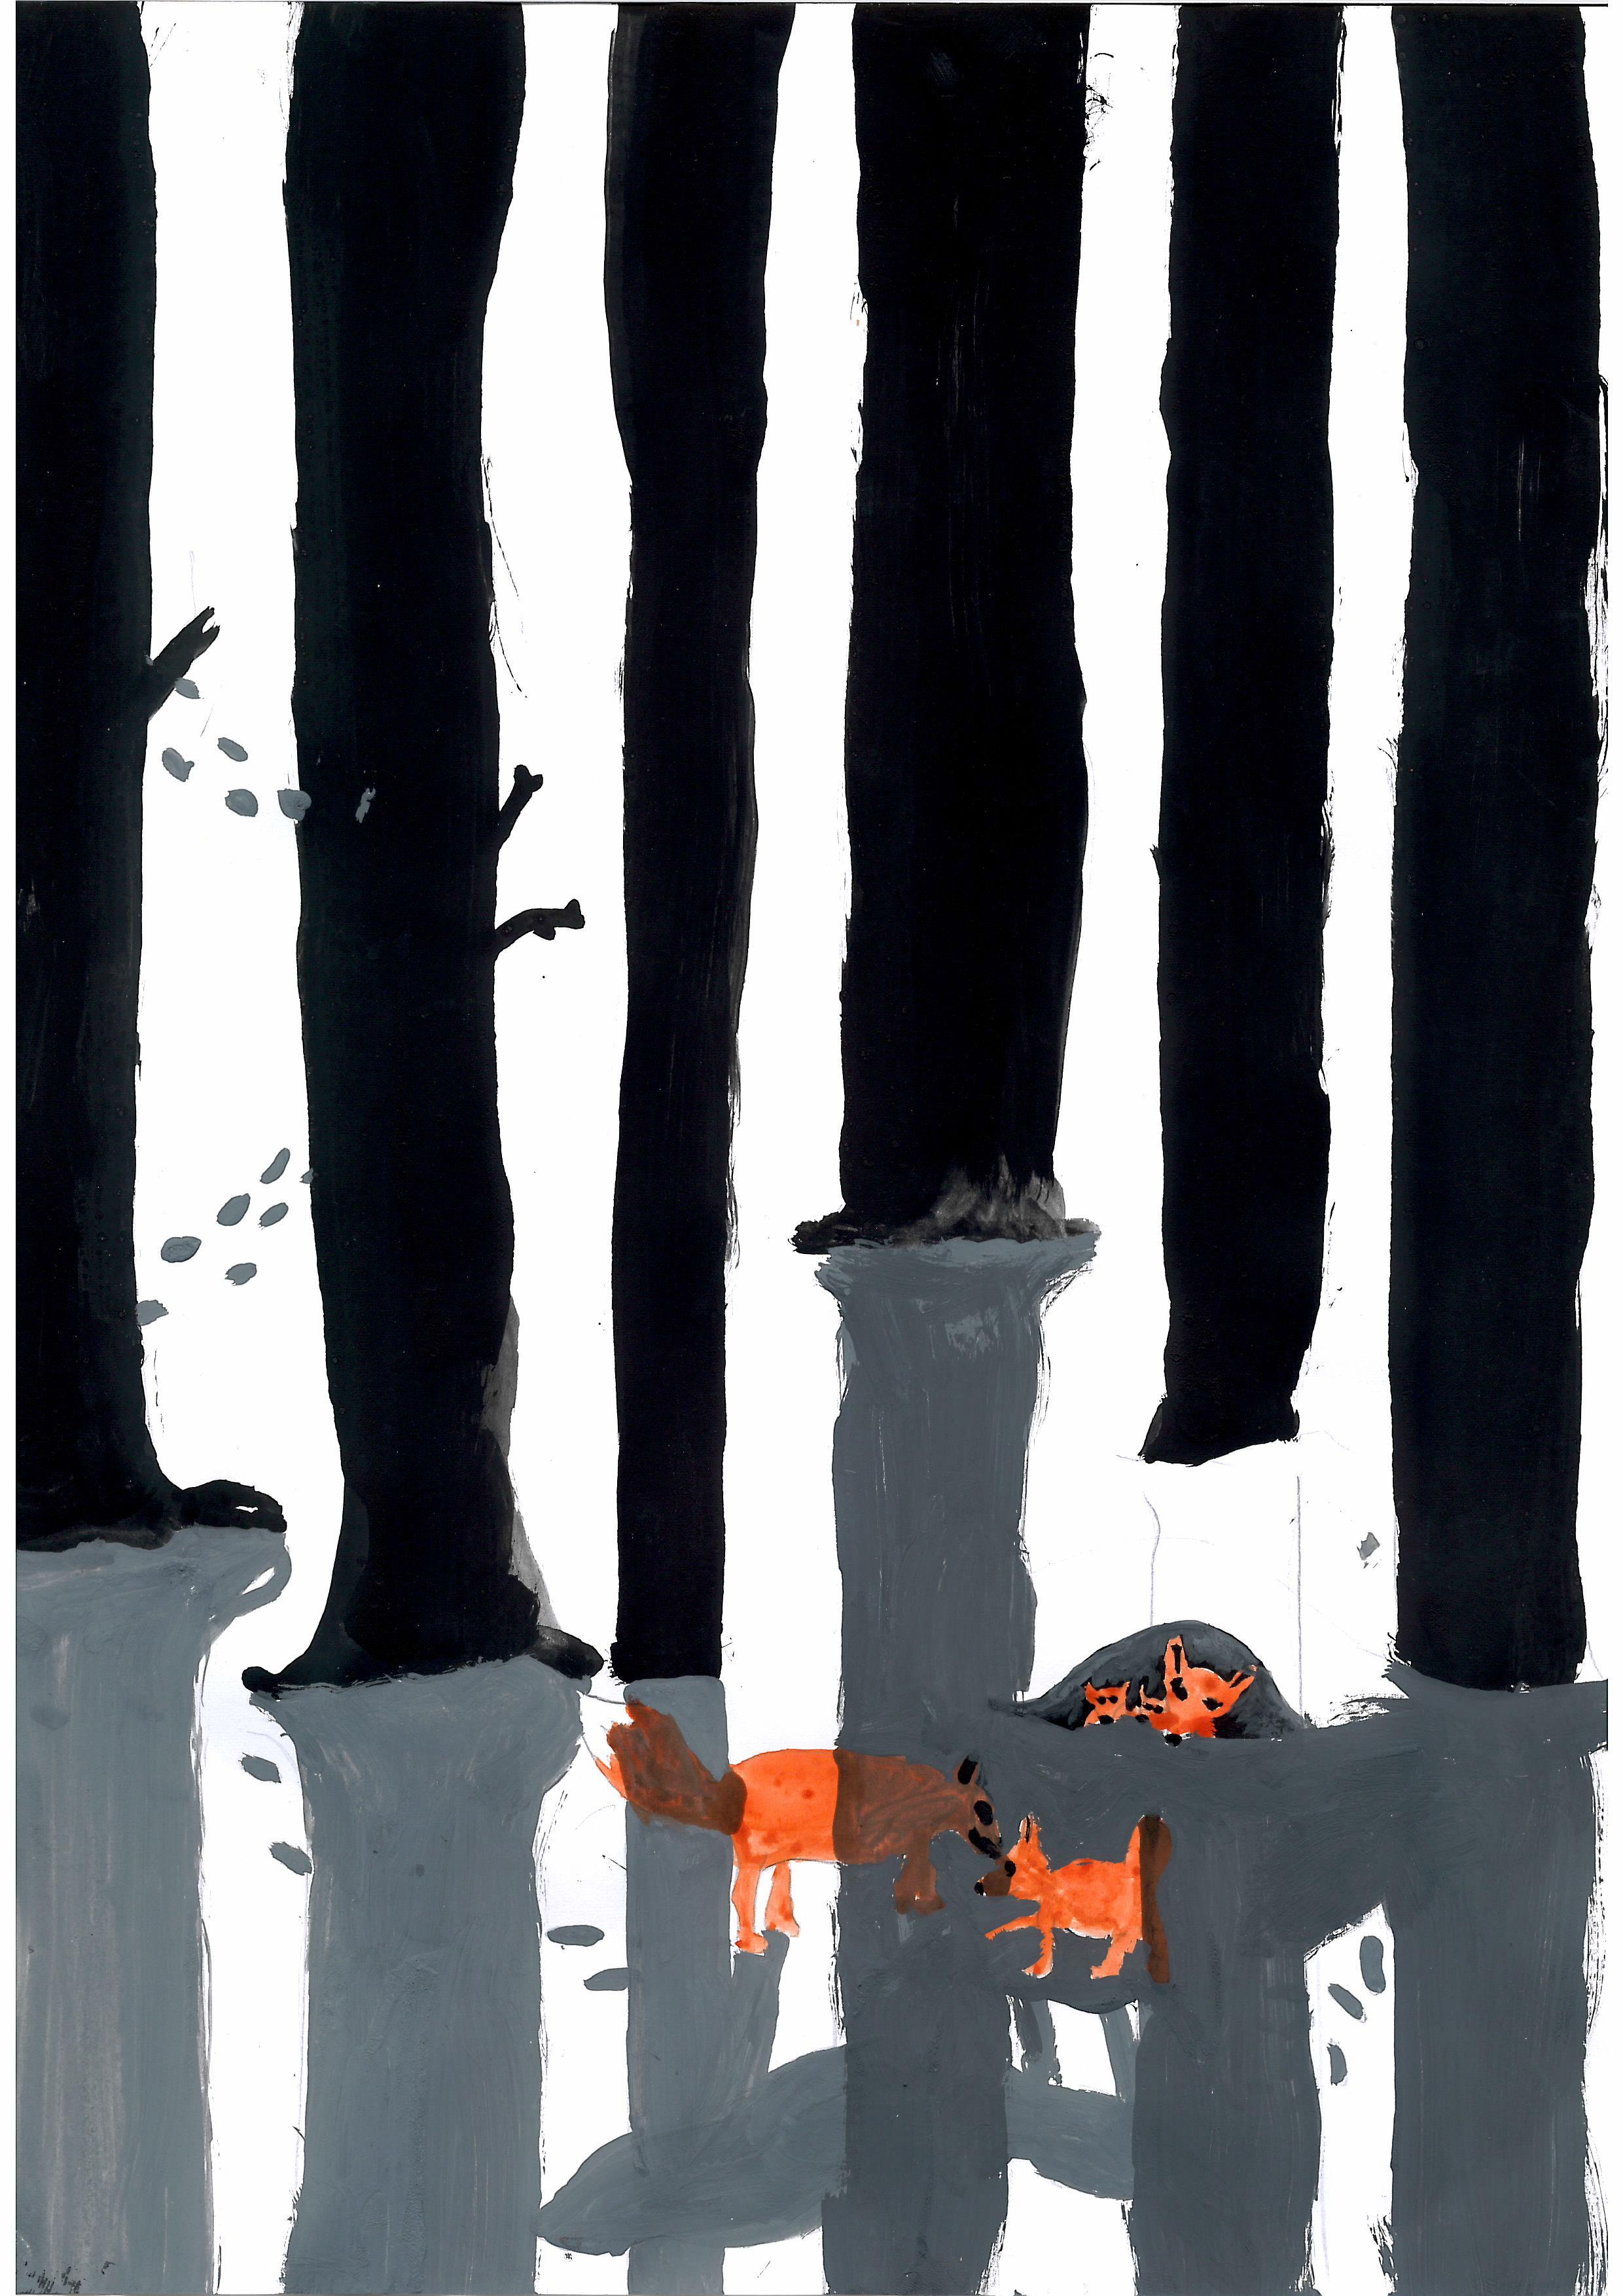 0503-EmmaFraaß-Fuchs im Wald-Bild(Schatten)